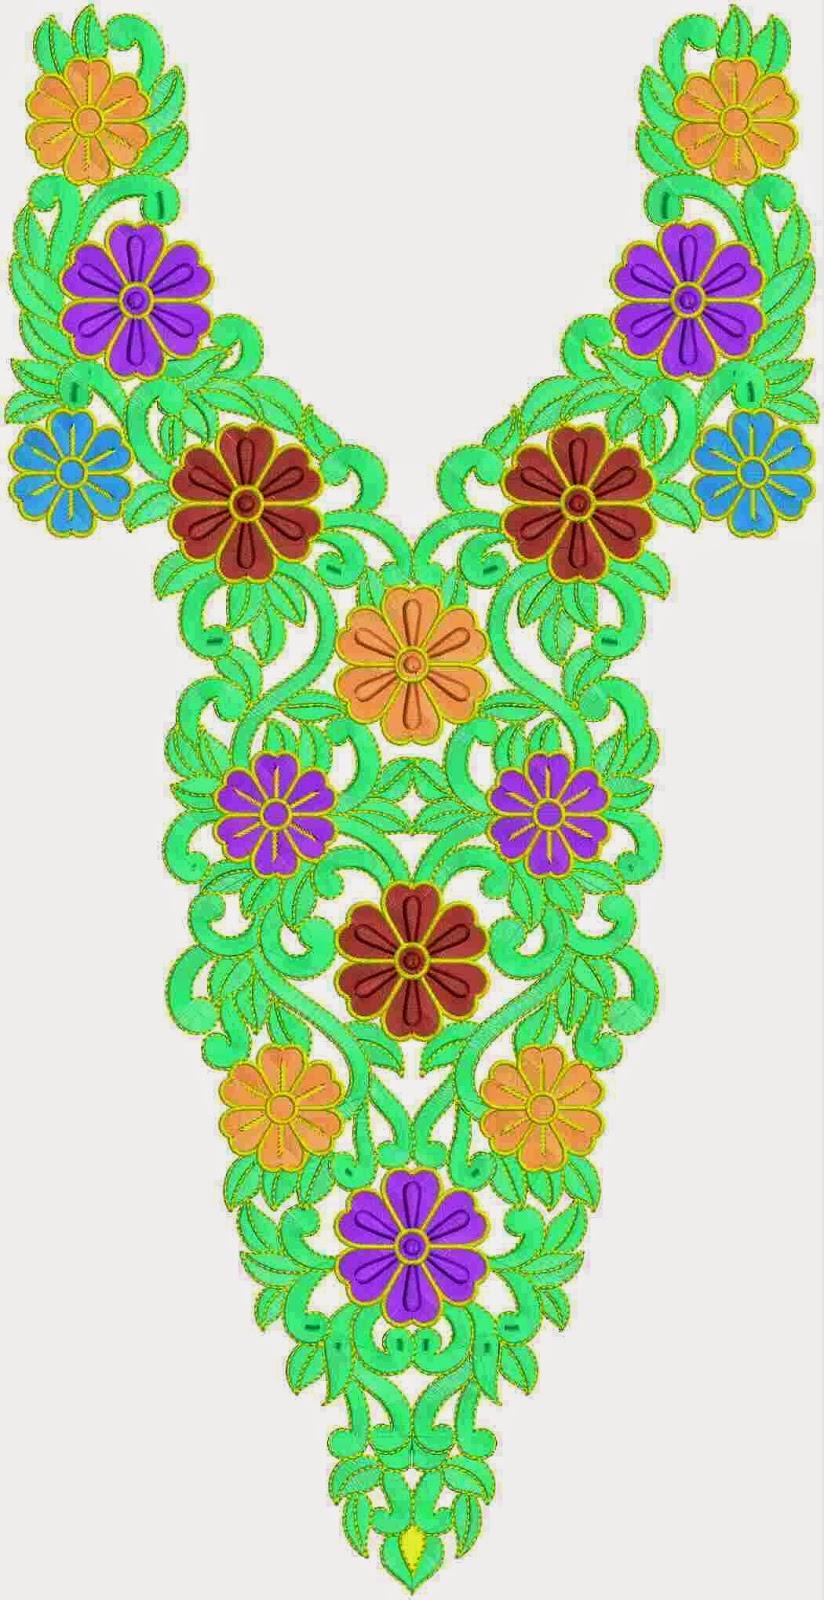 Blomme werk V vormige nek ontwerp